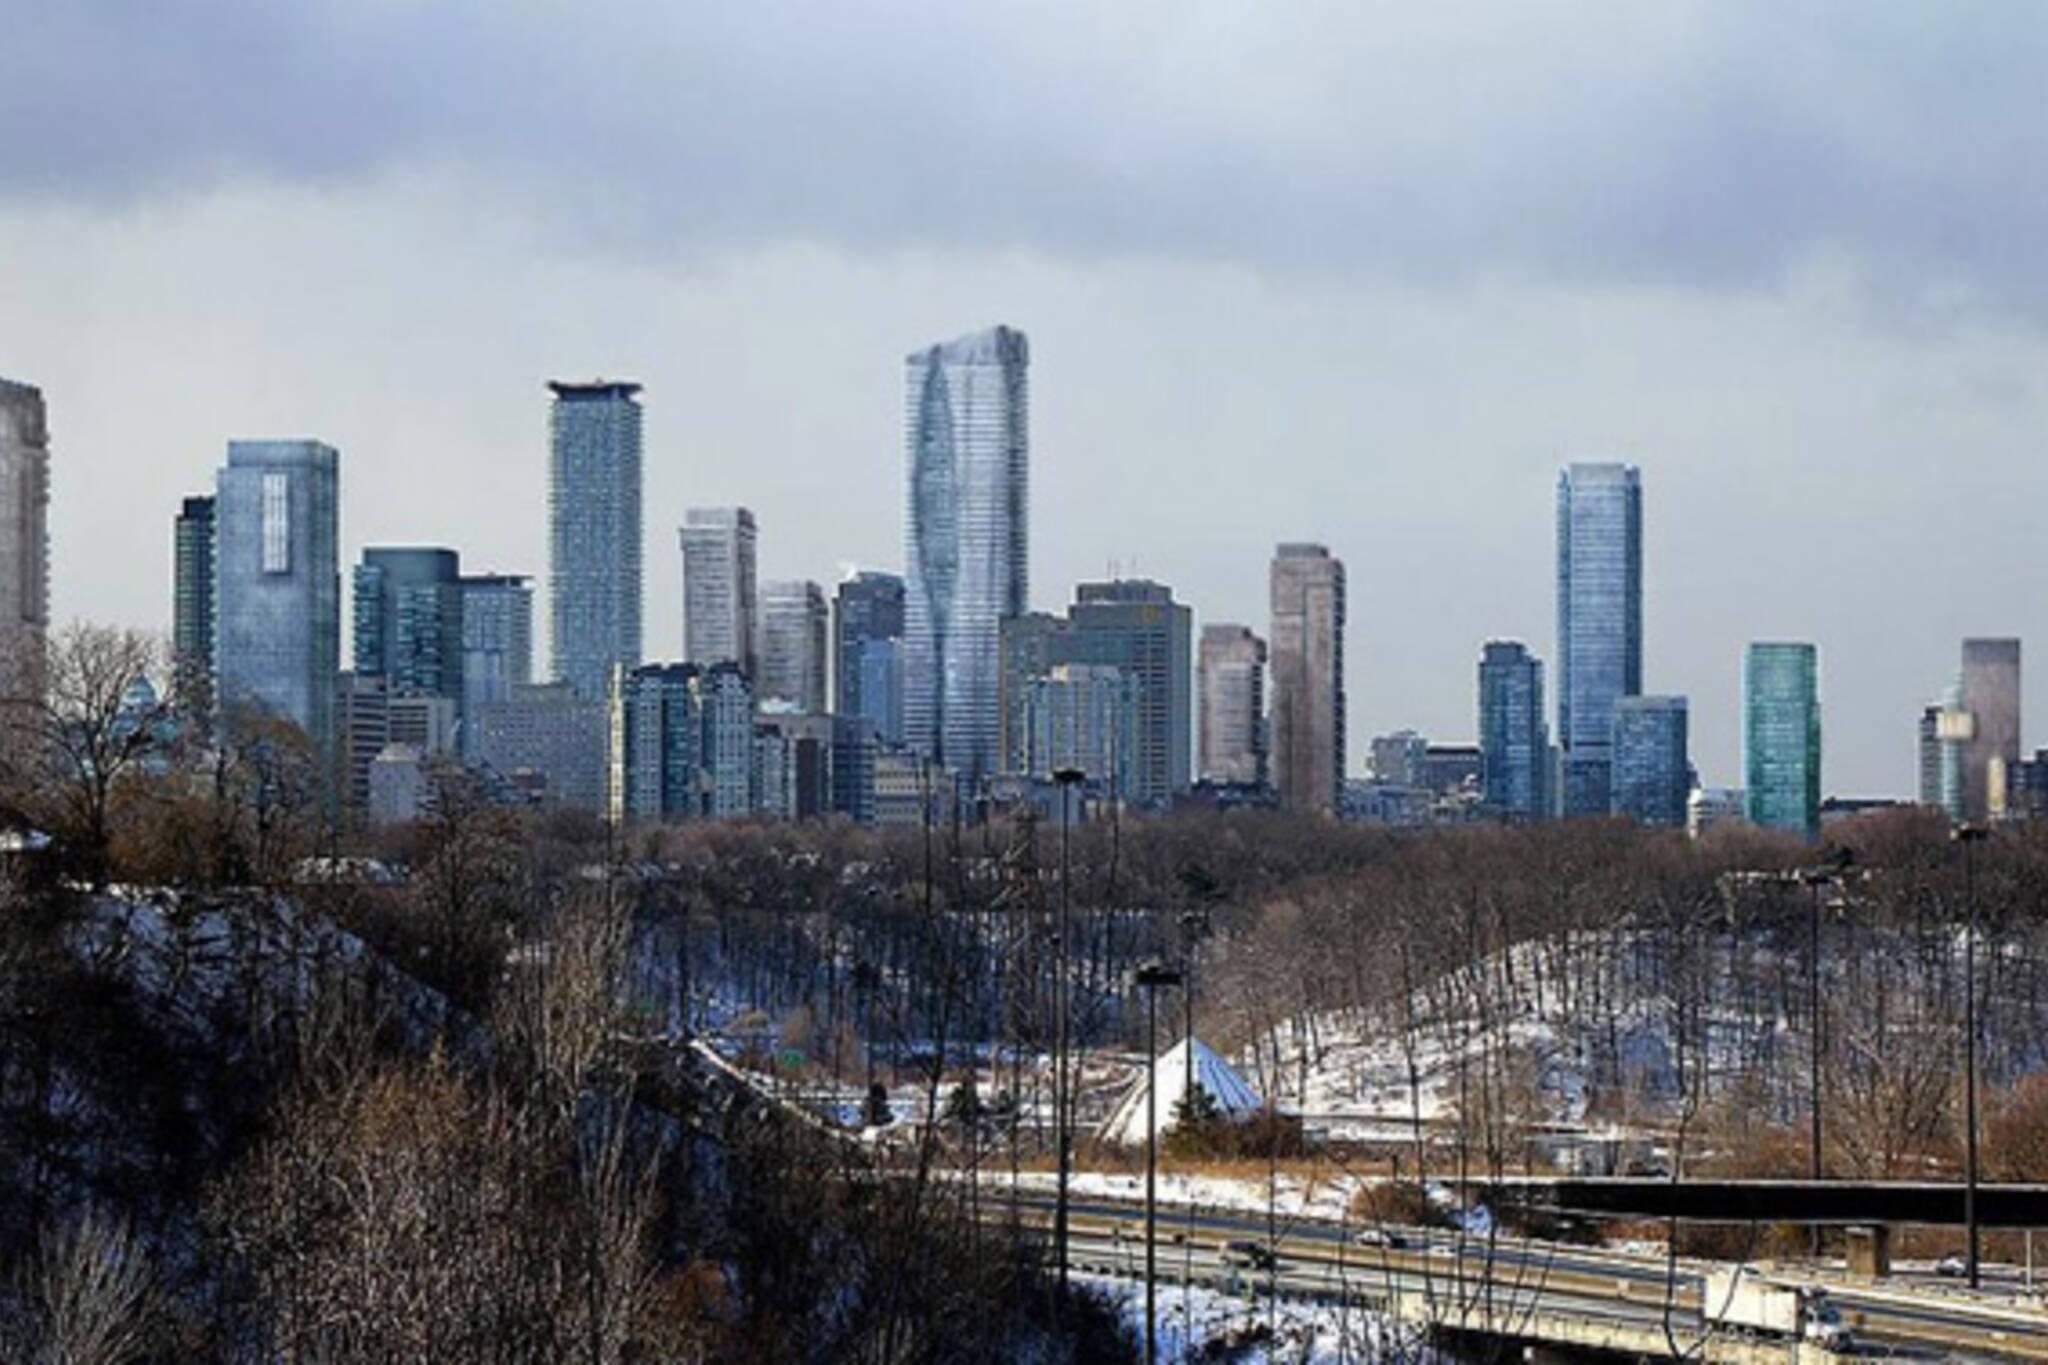 Bloor Toronto Skyline